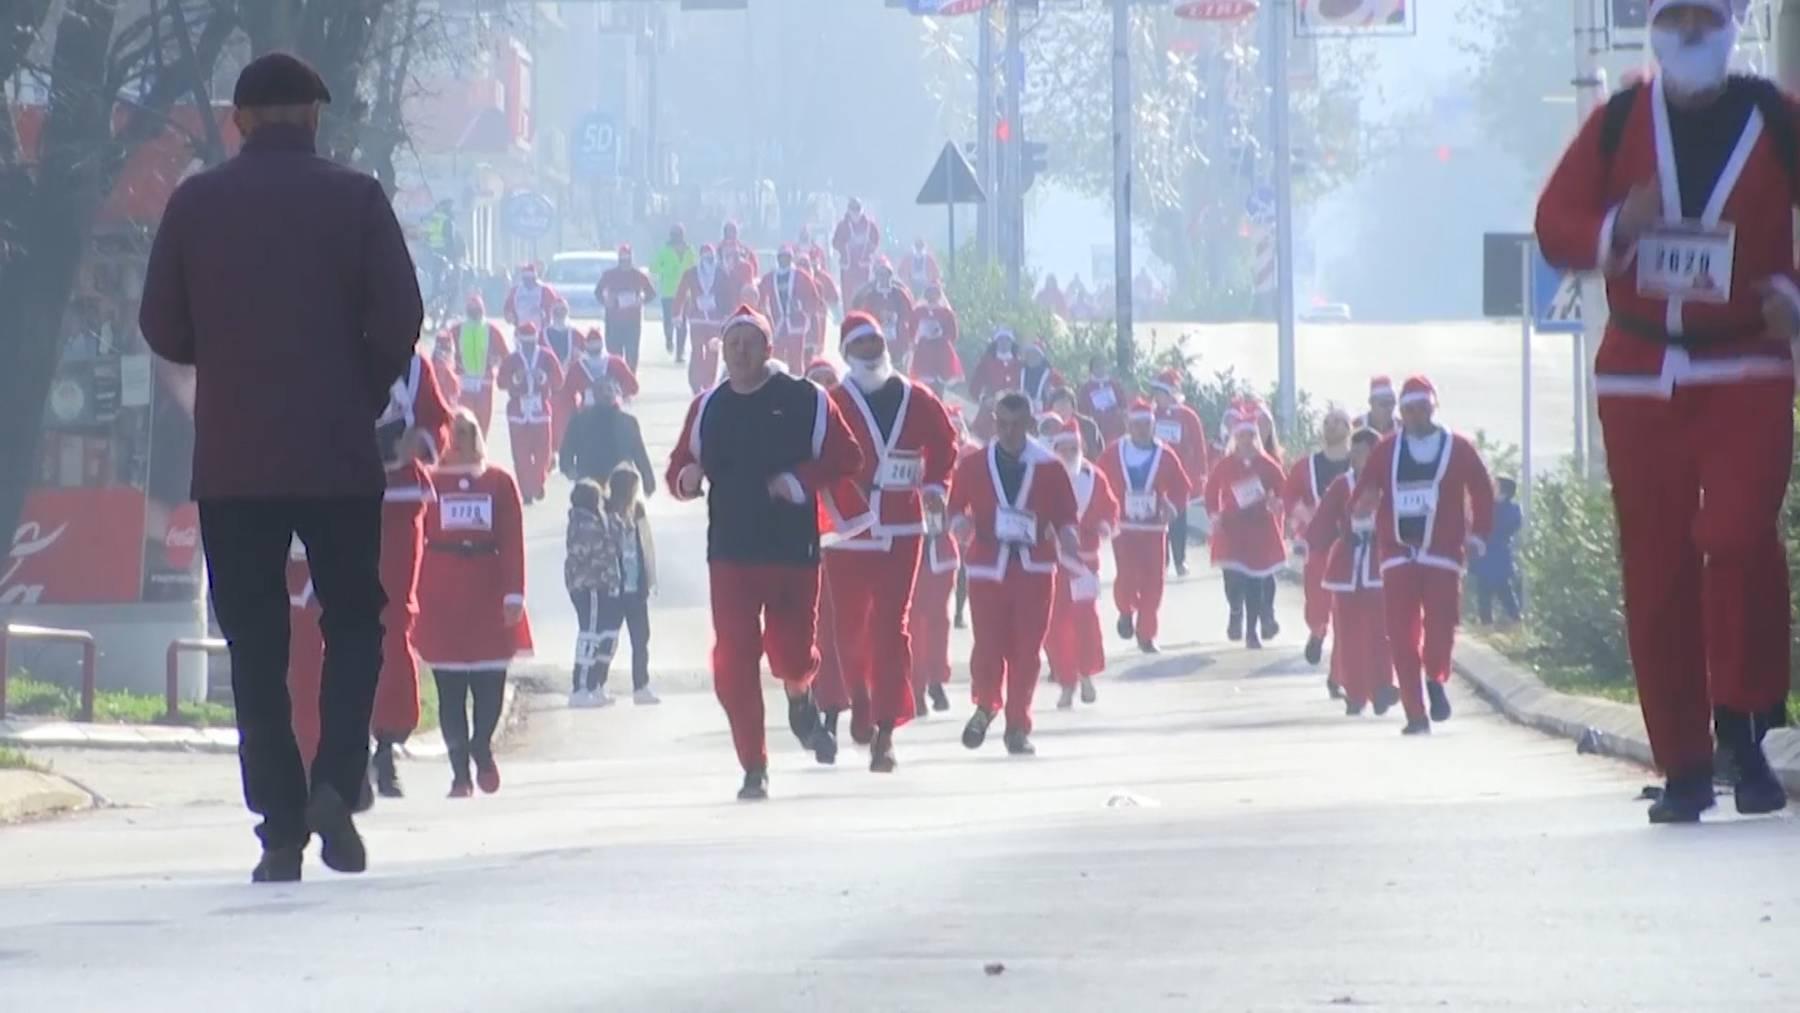 Thumb for 'Chlauslauf in Kosovo: 2‹000 Weihnachtsmenschen rennen durch die Stadt›